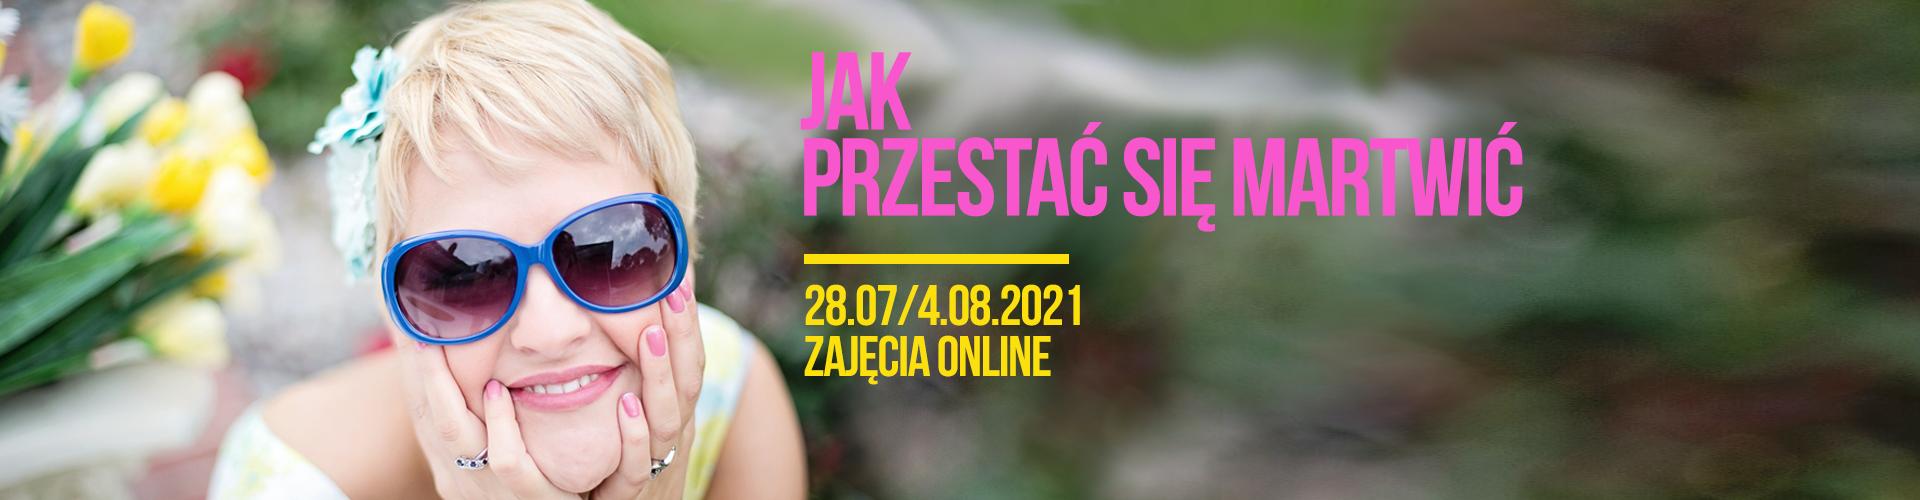 JAK-PRZESTAC-SIE-MARTWIC-2